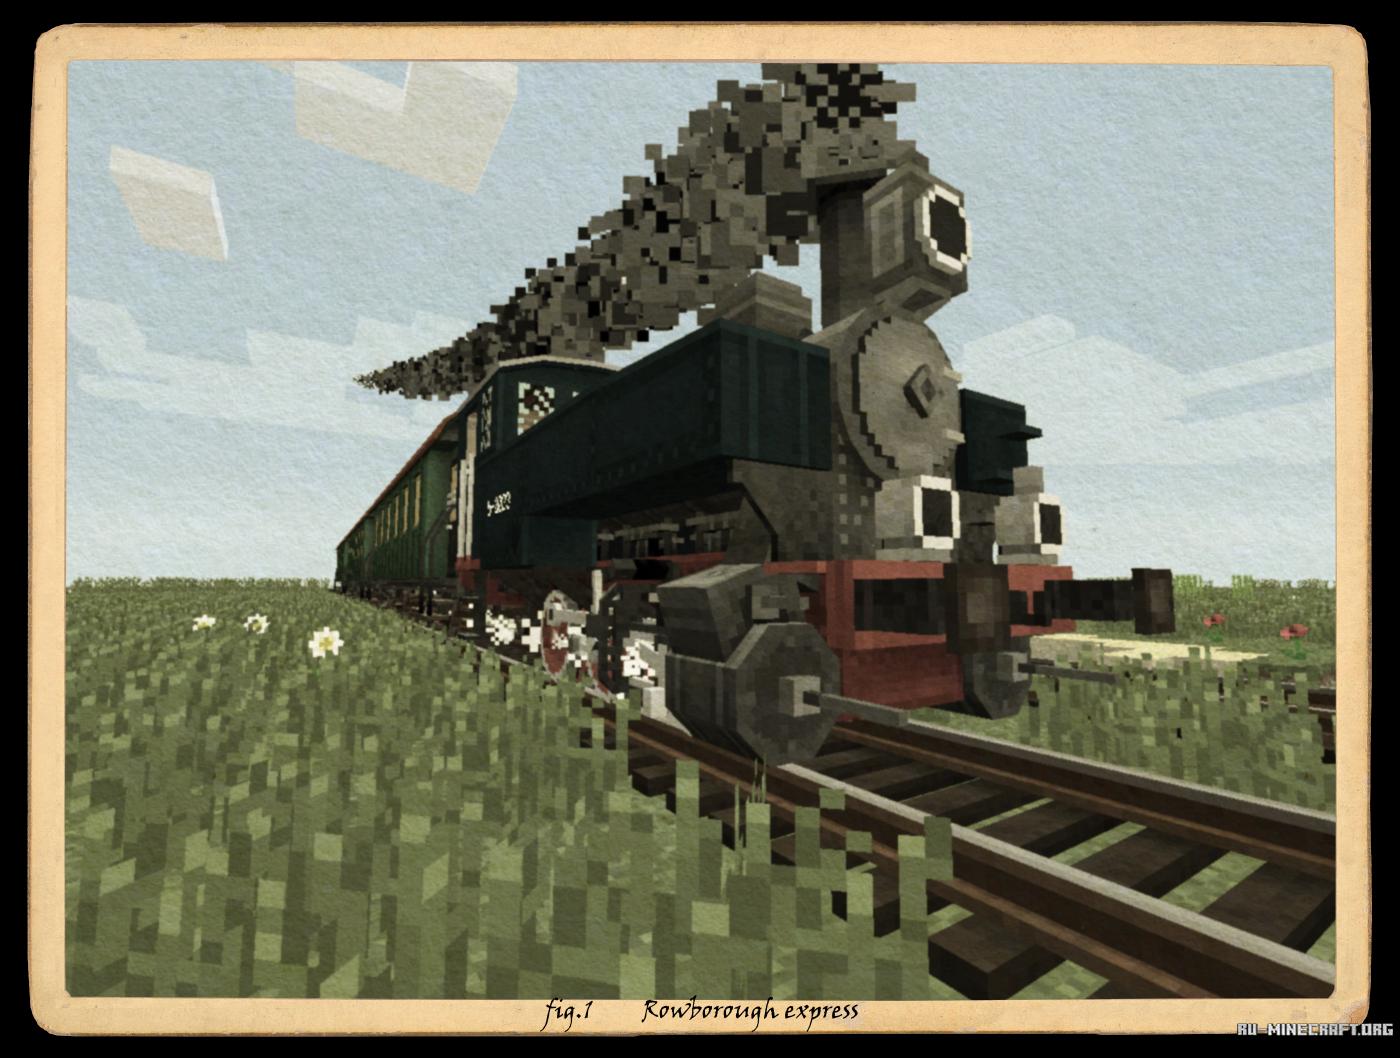 Моды для майнкрафт 1.7.2 на поезда